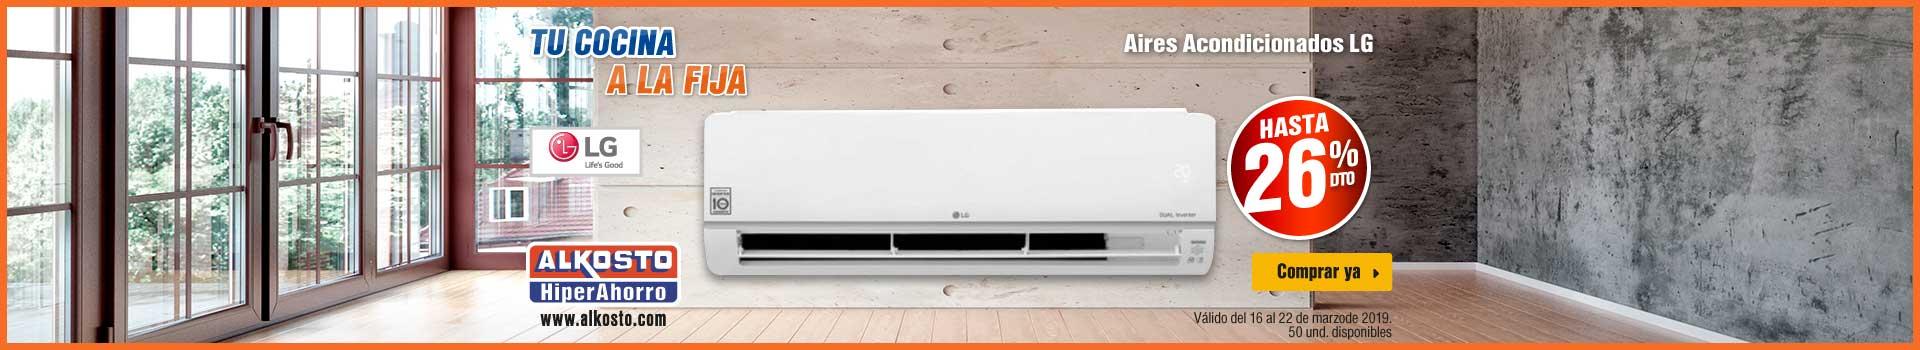 AK-KT-mayores-2-ELECT-BCAT-climatizacion-lg-160319